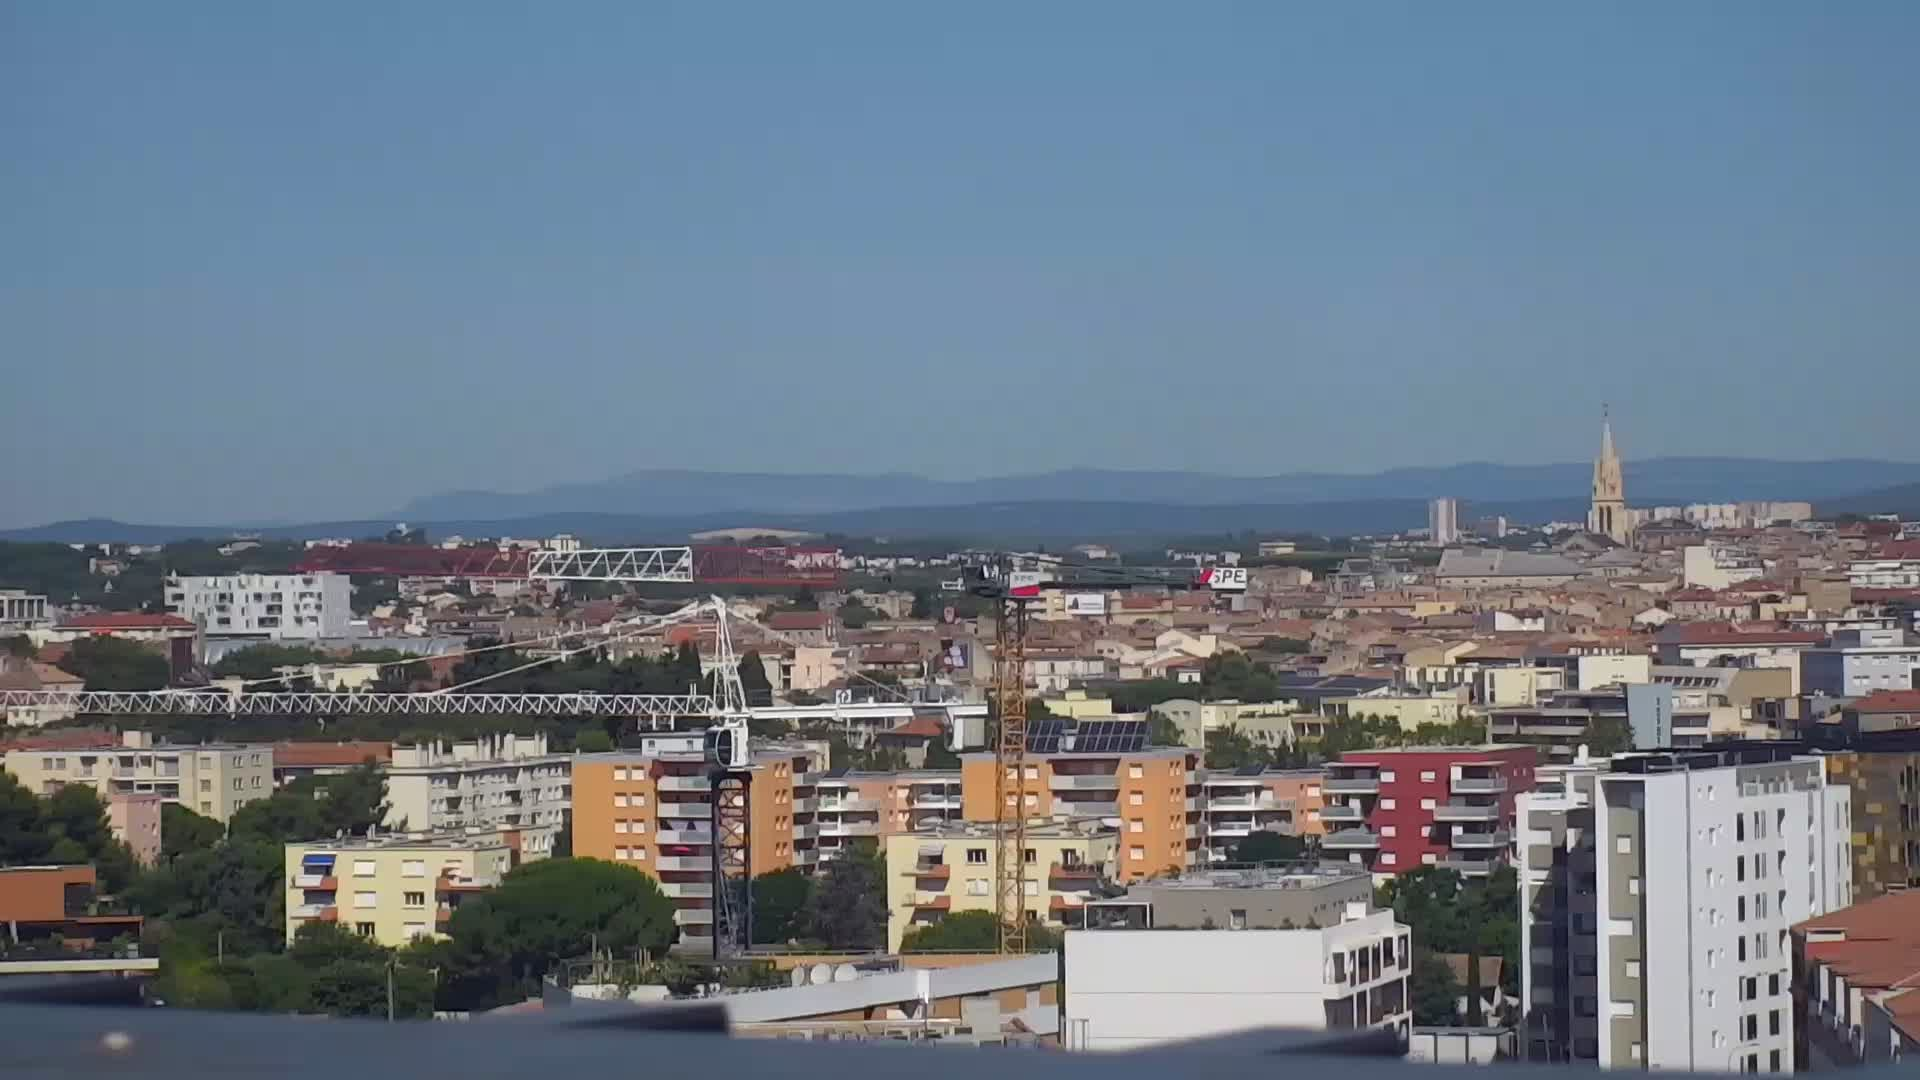 Webcam montpellier vista sopra montpellier - Meteo agricole montpellier ...